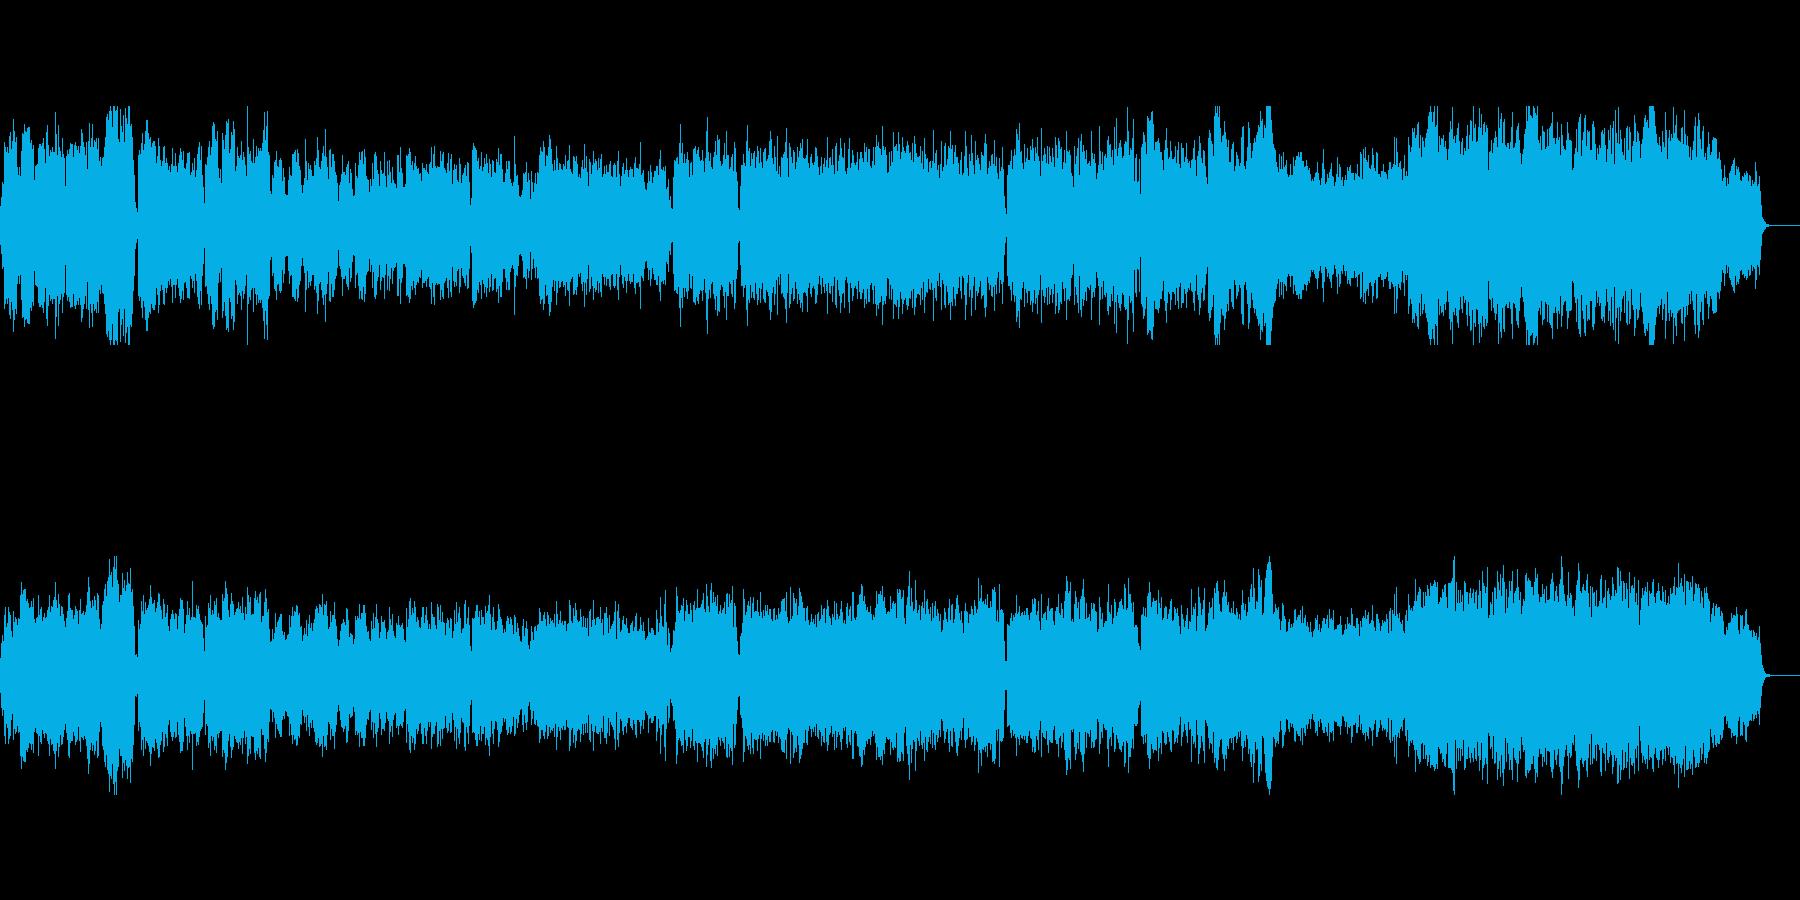 ★緊張感のある緊迫したシーン幻想的BGMの再生済みの波形